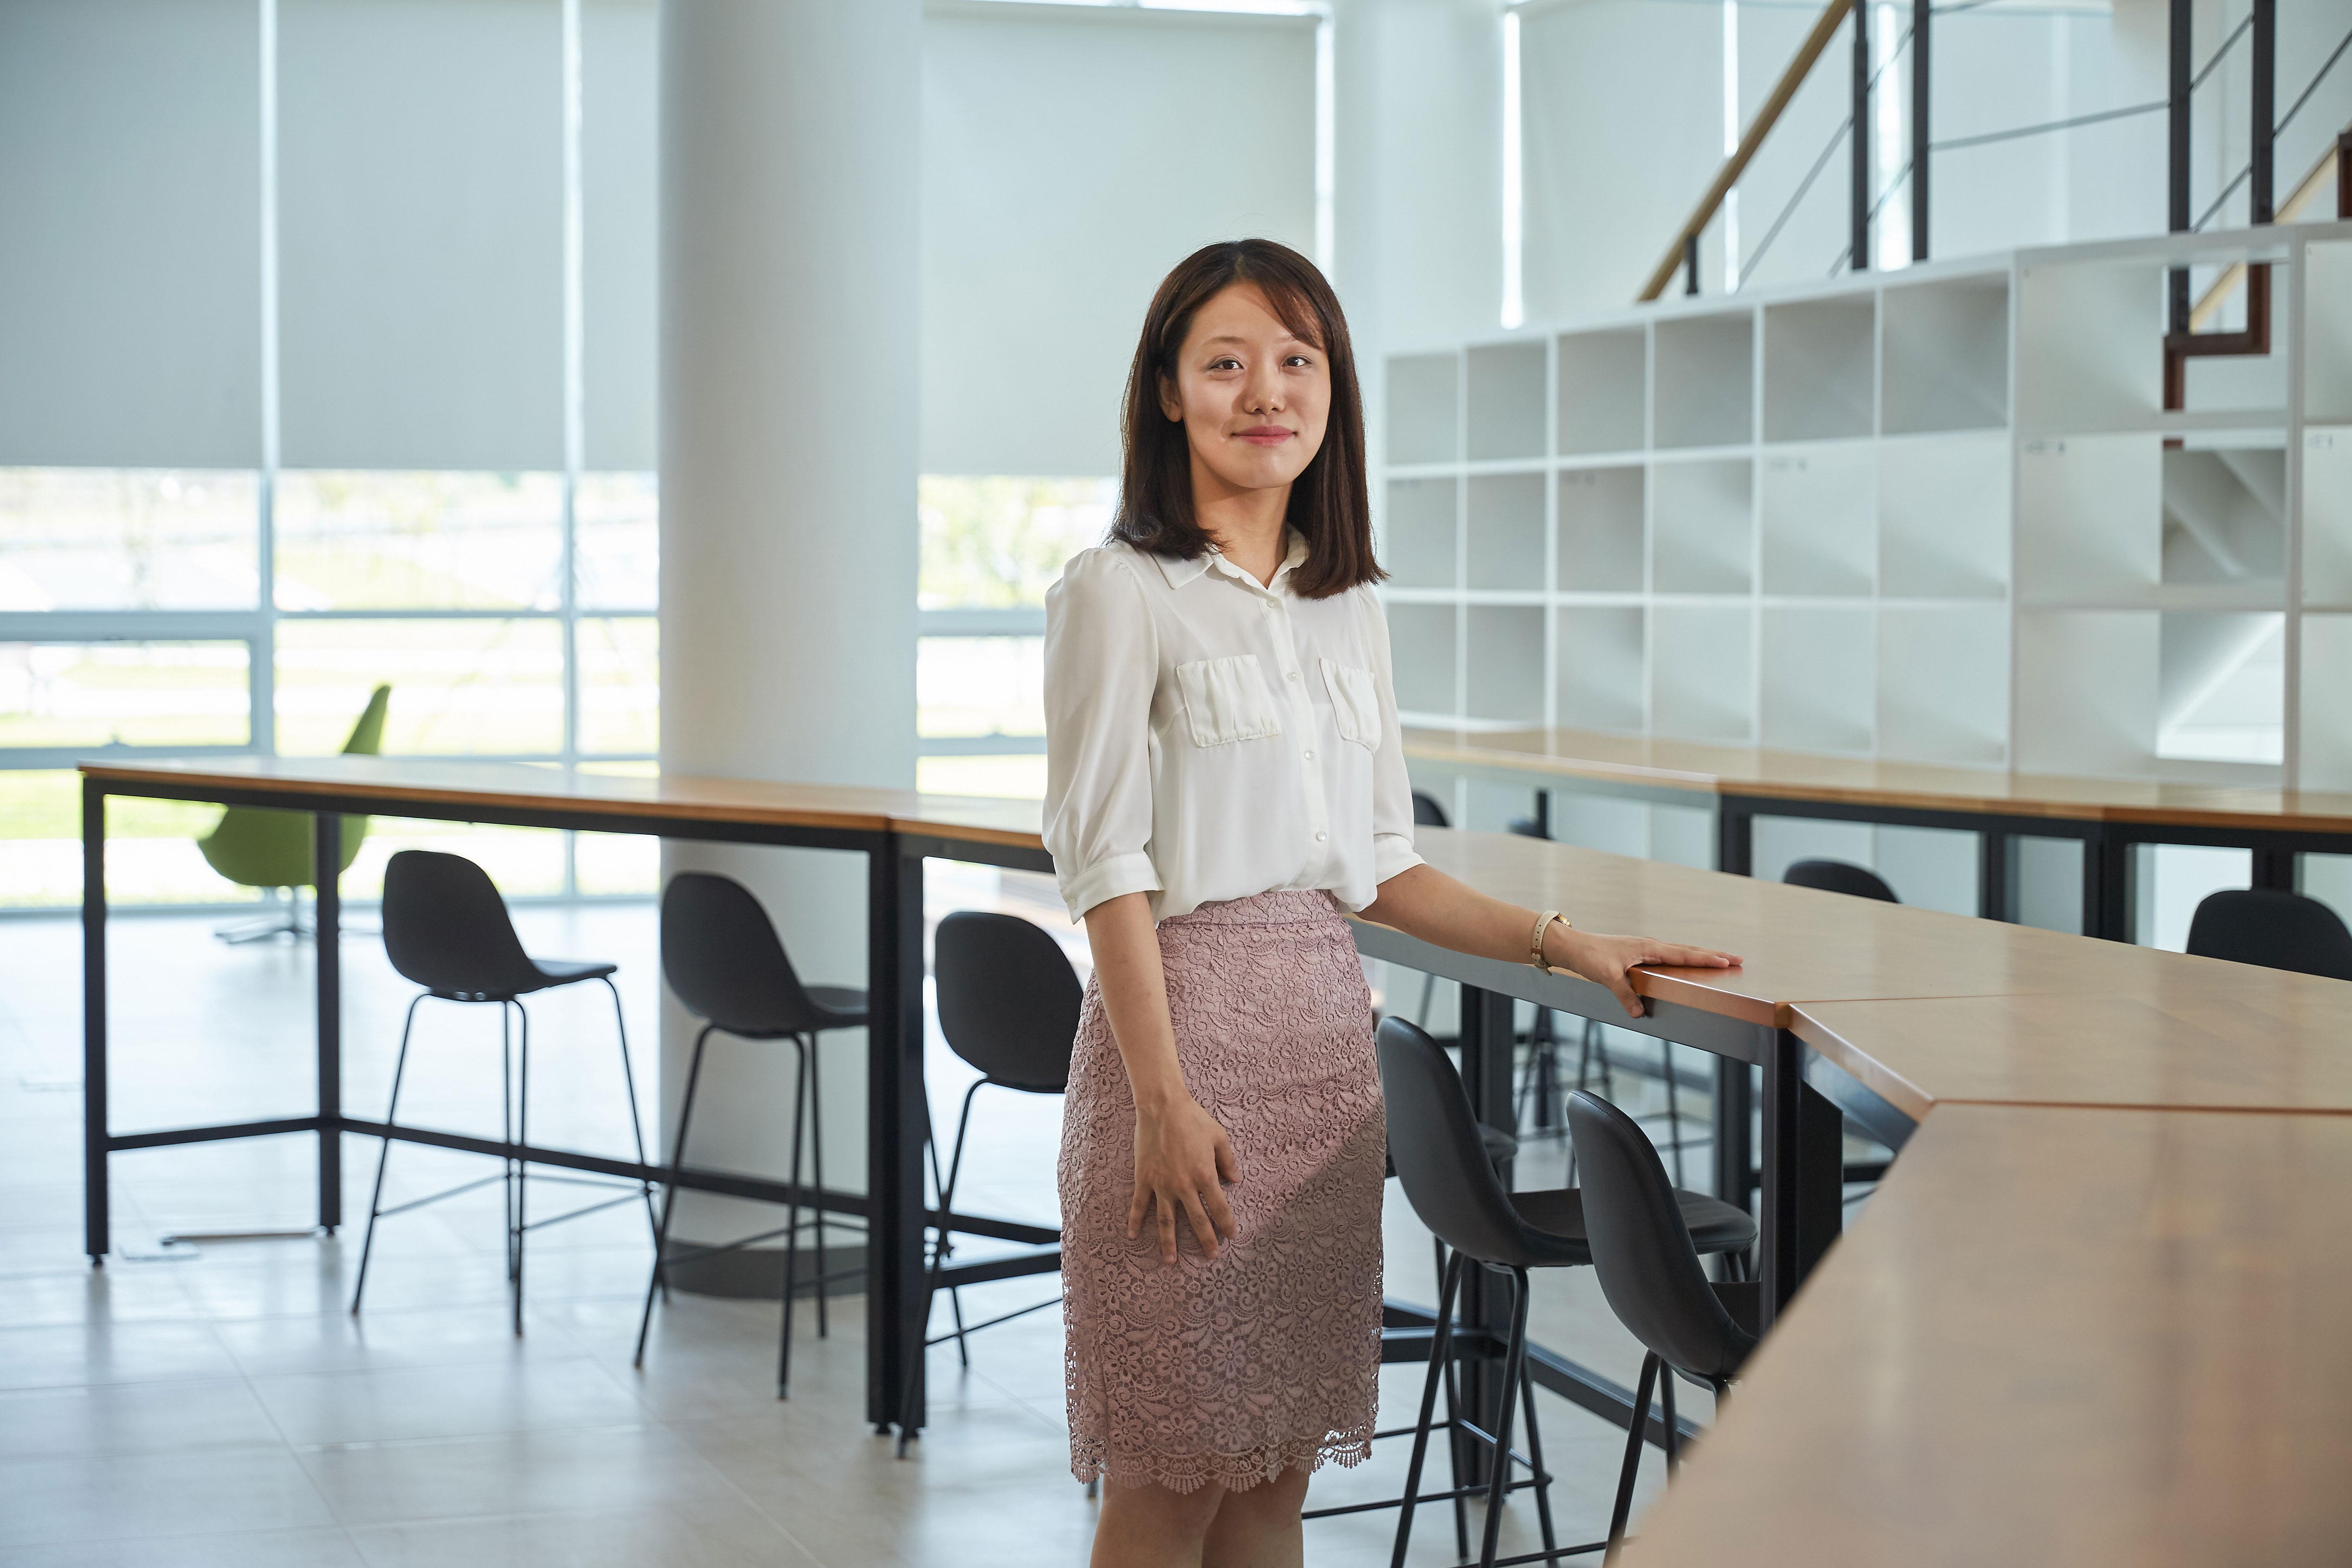 산학융합캠퍼스에서 백수정 박사를 만났다. | 사진: 김경채